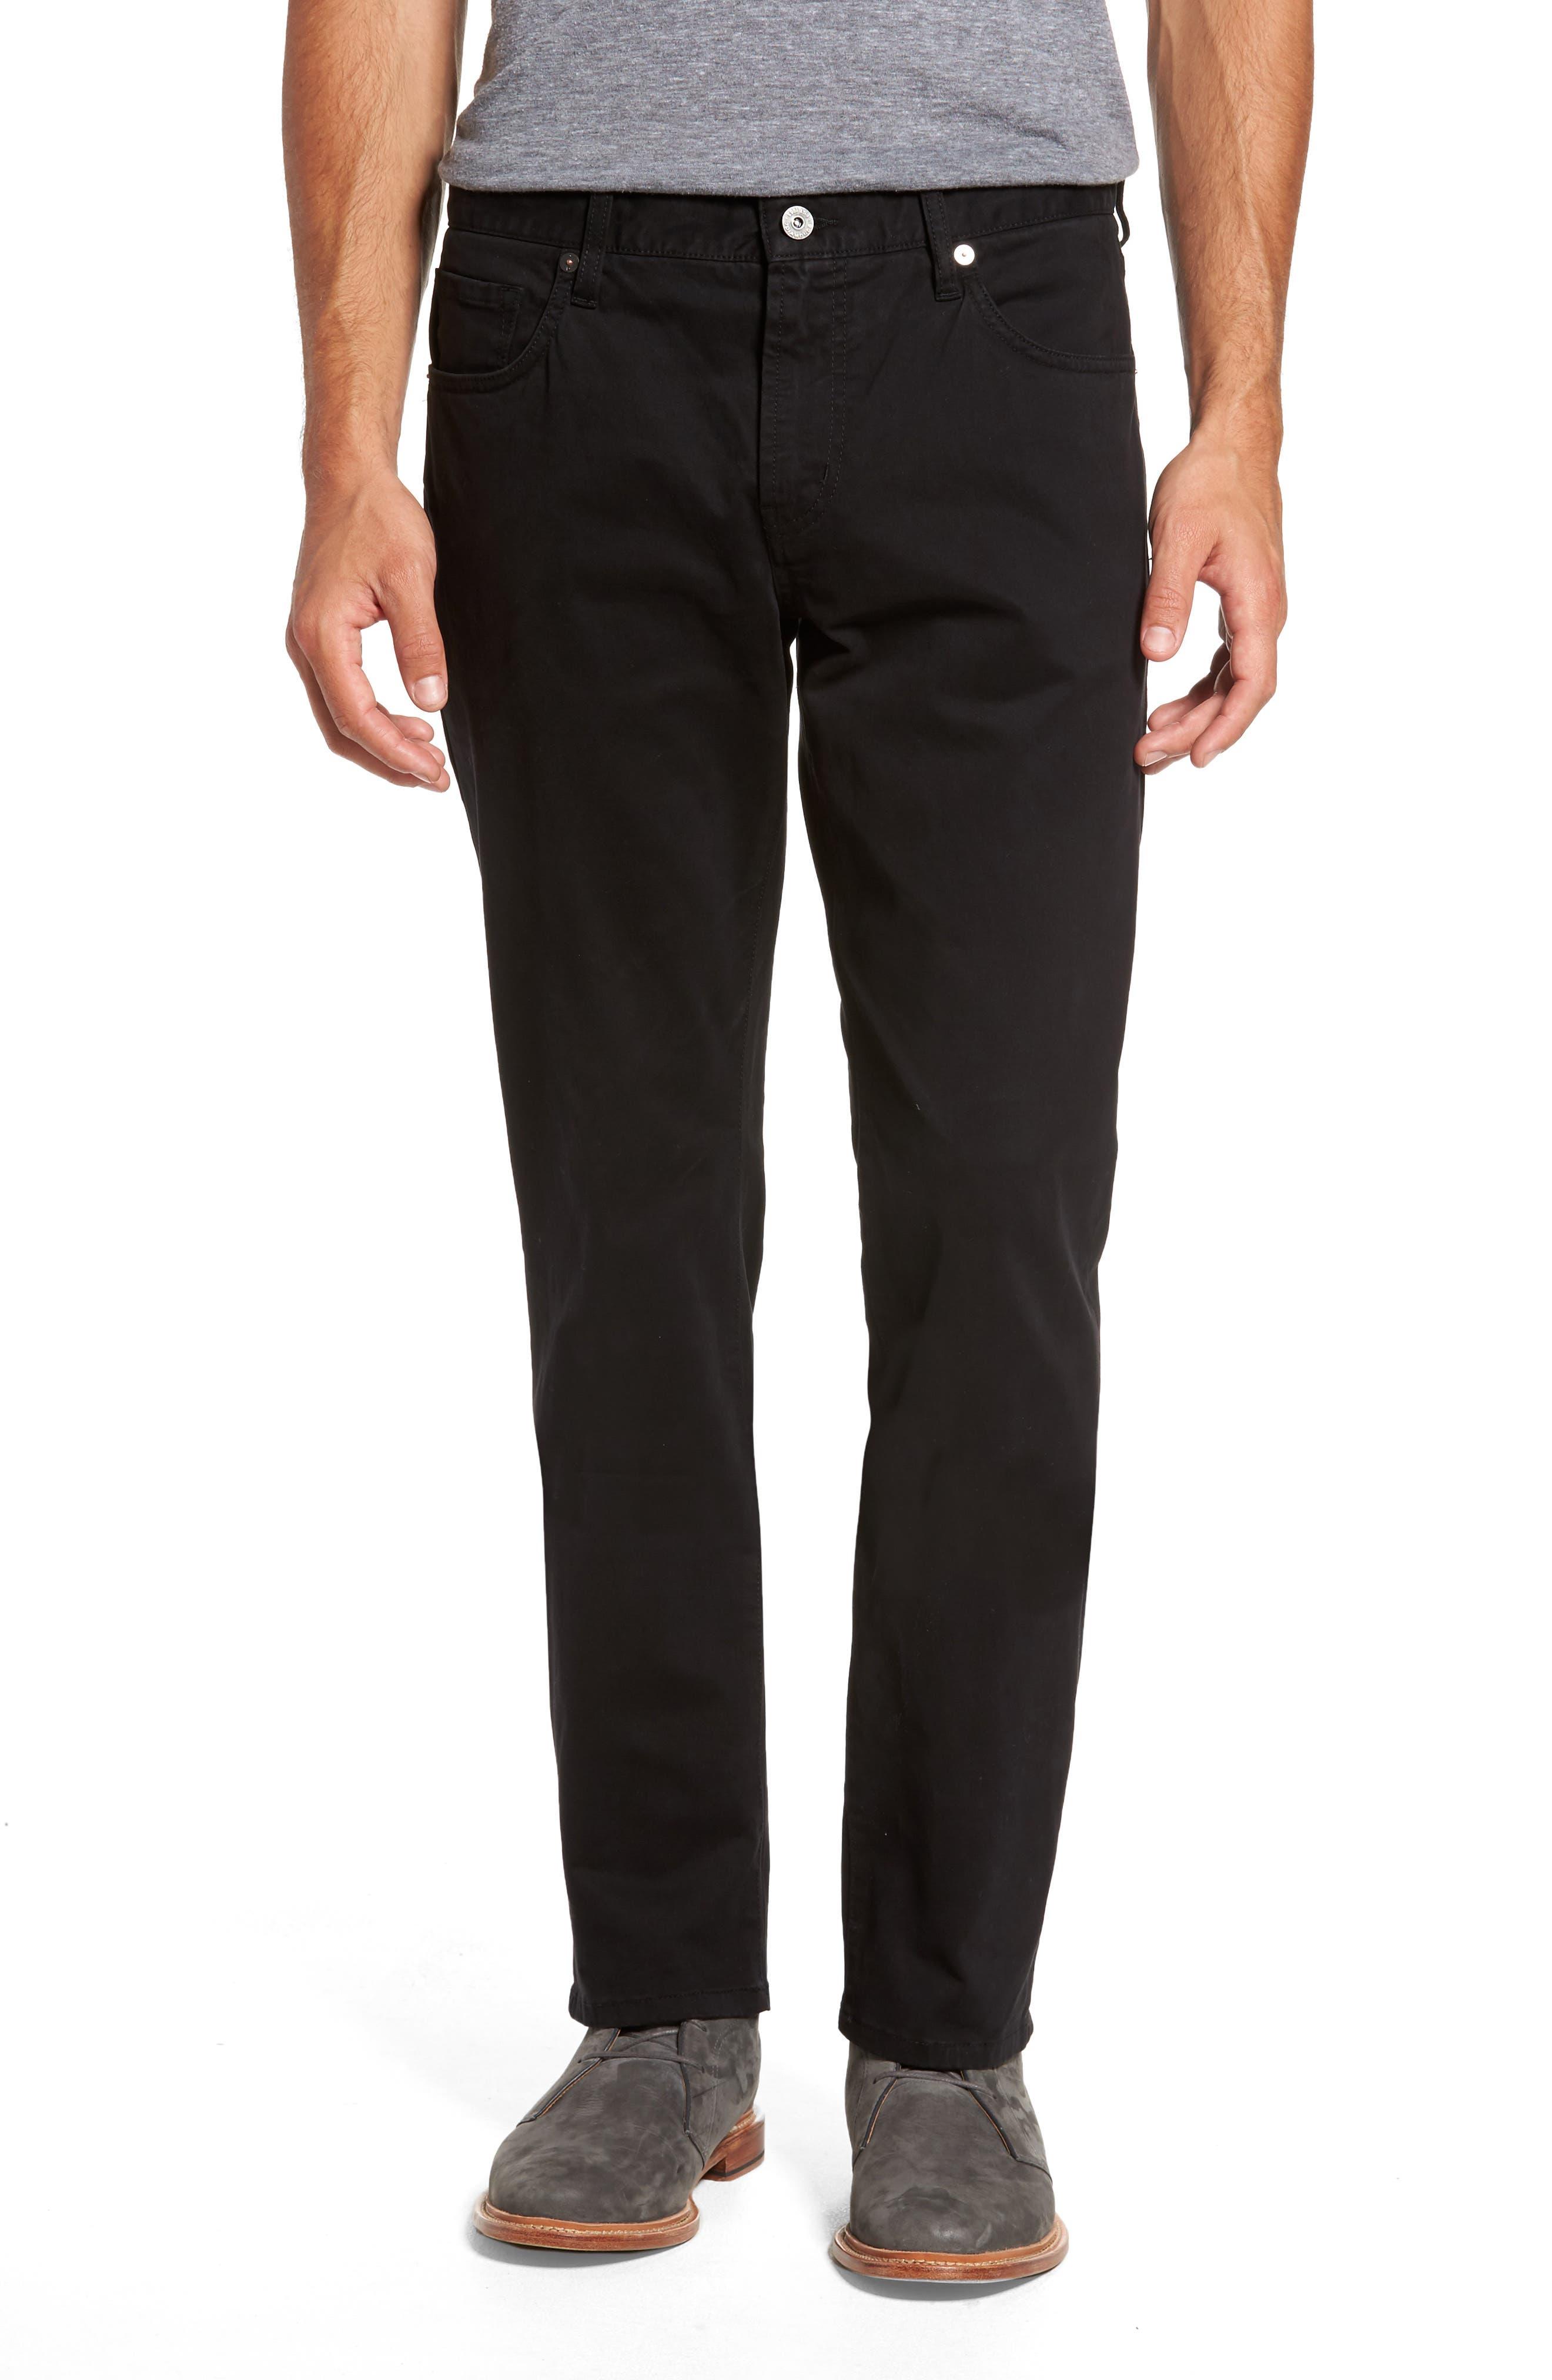 Brushed Twill Five-Pocket Pants,                         Main,                         color, BLACK